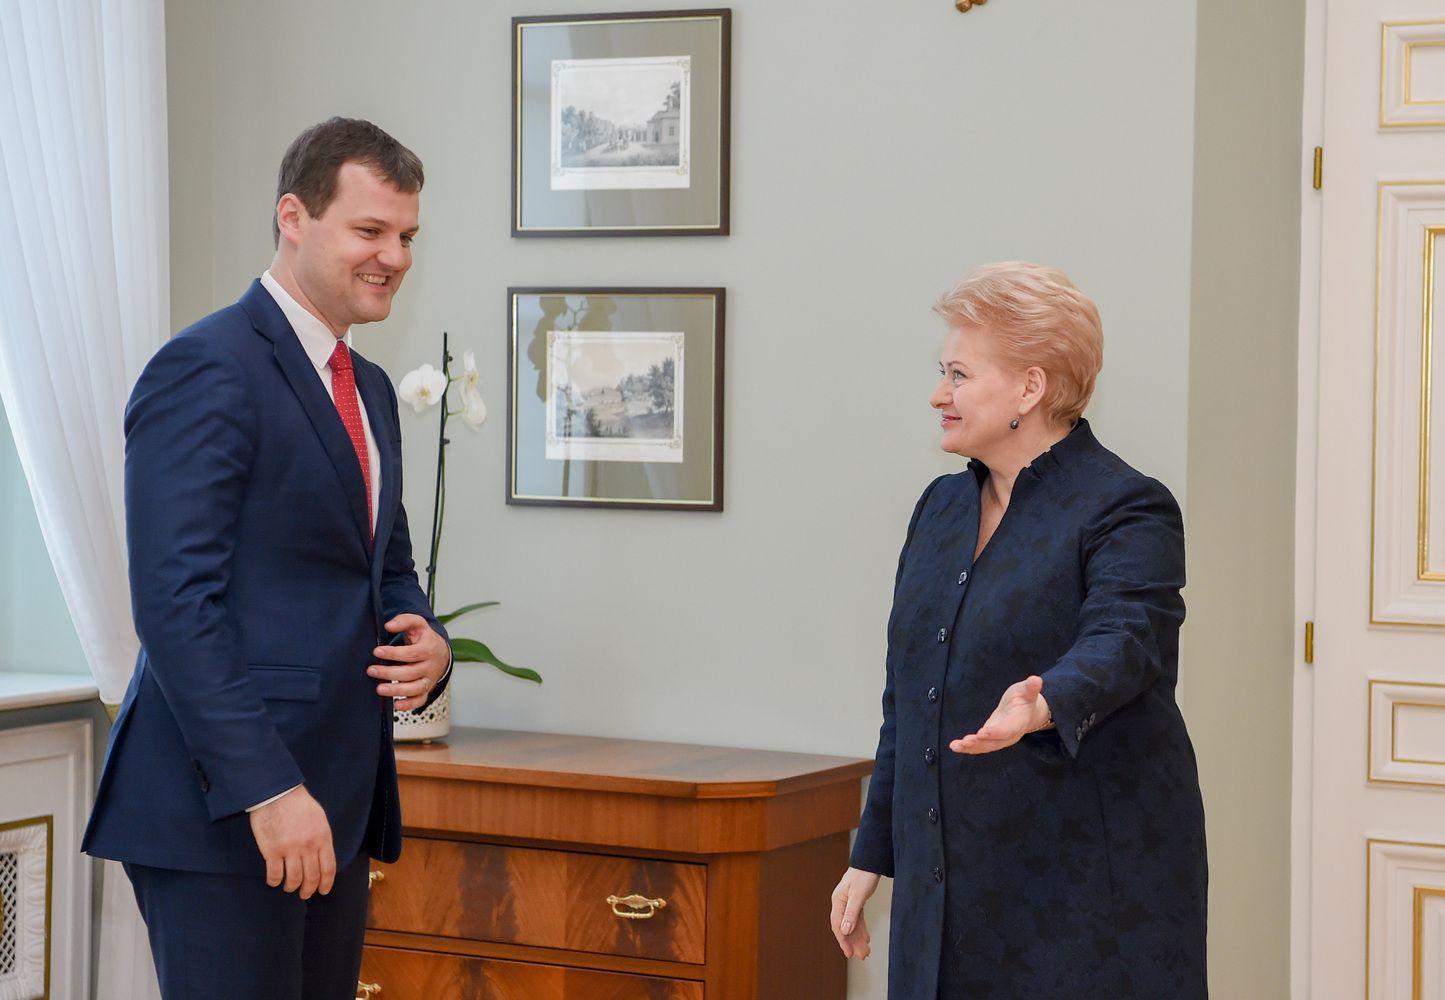 Prezidentė apie aktualijas pasikalbėjo su naujuoju LSDP lyderiu